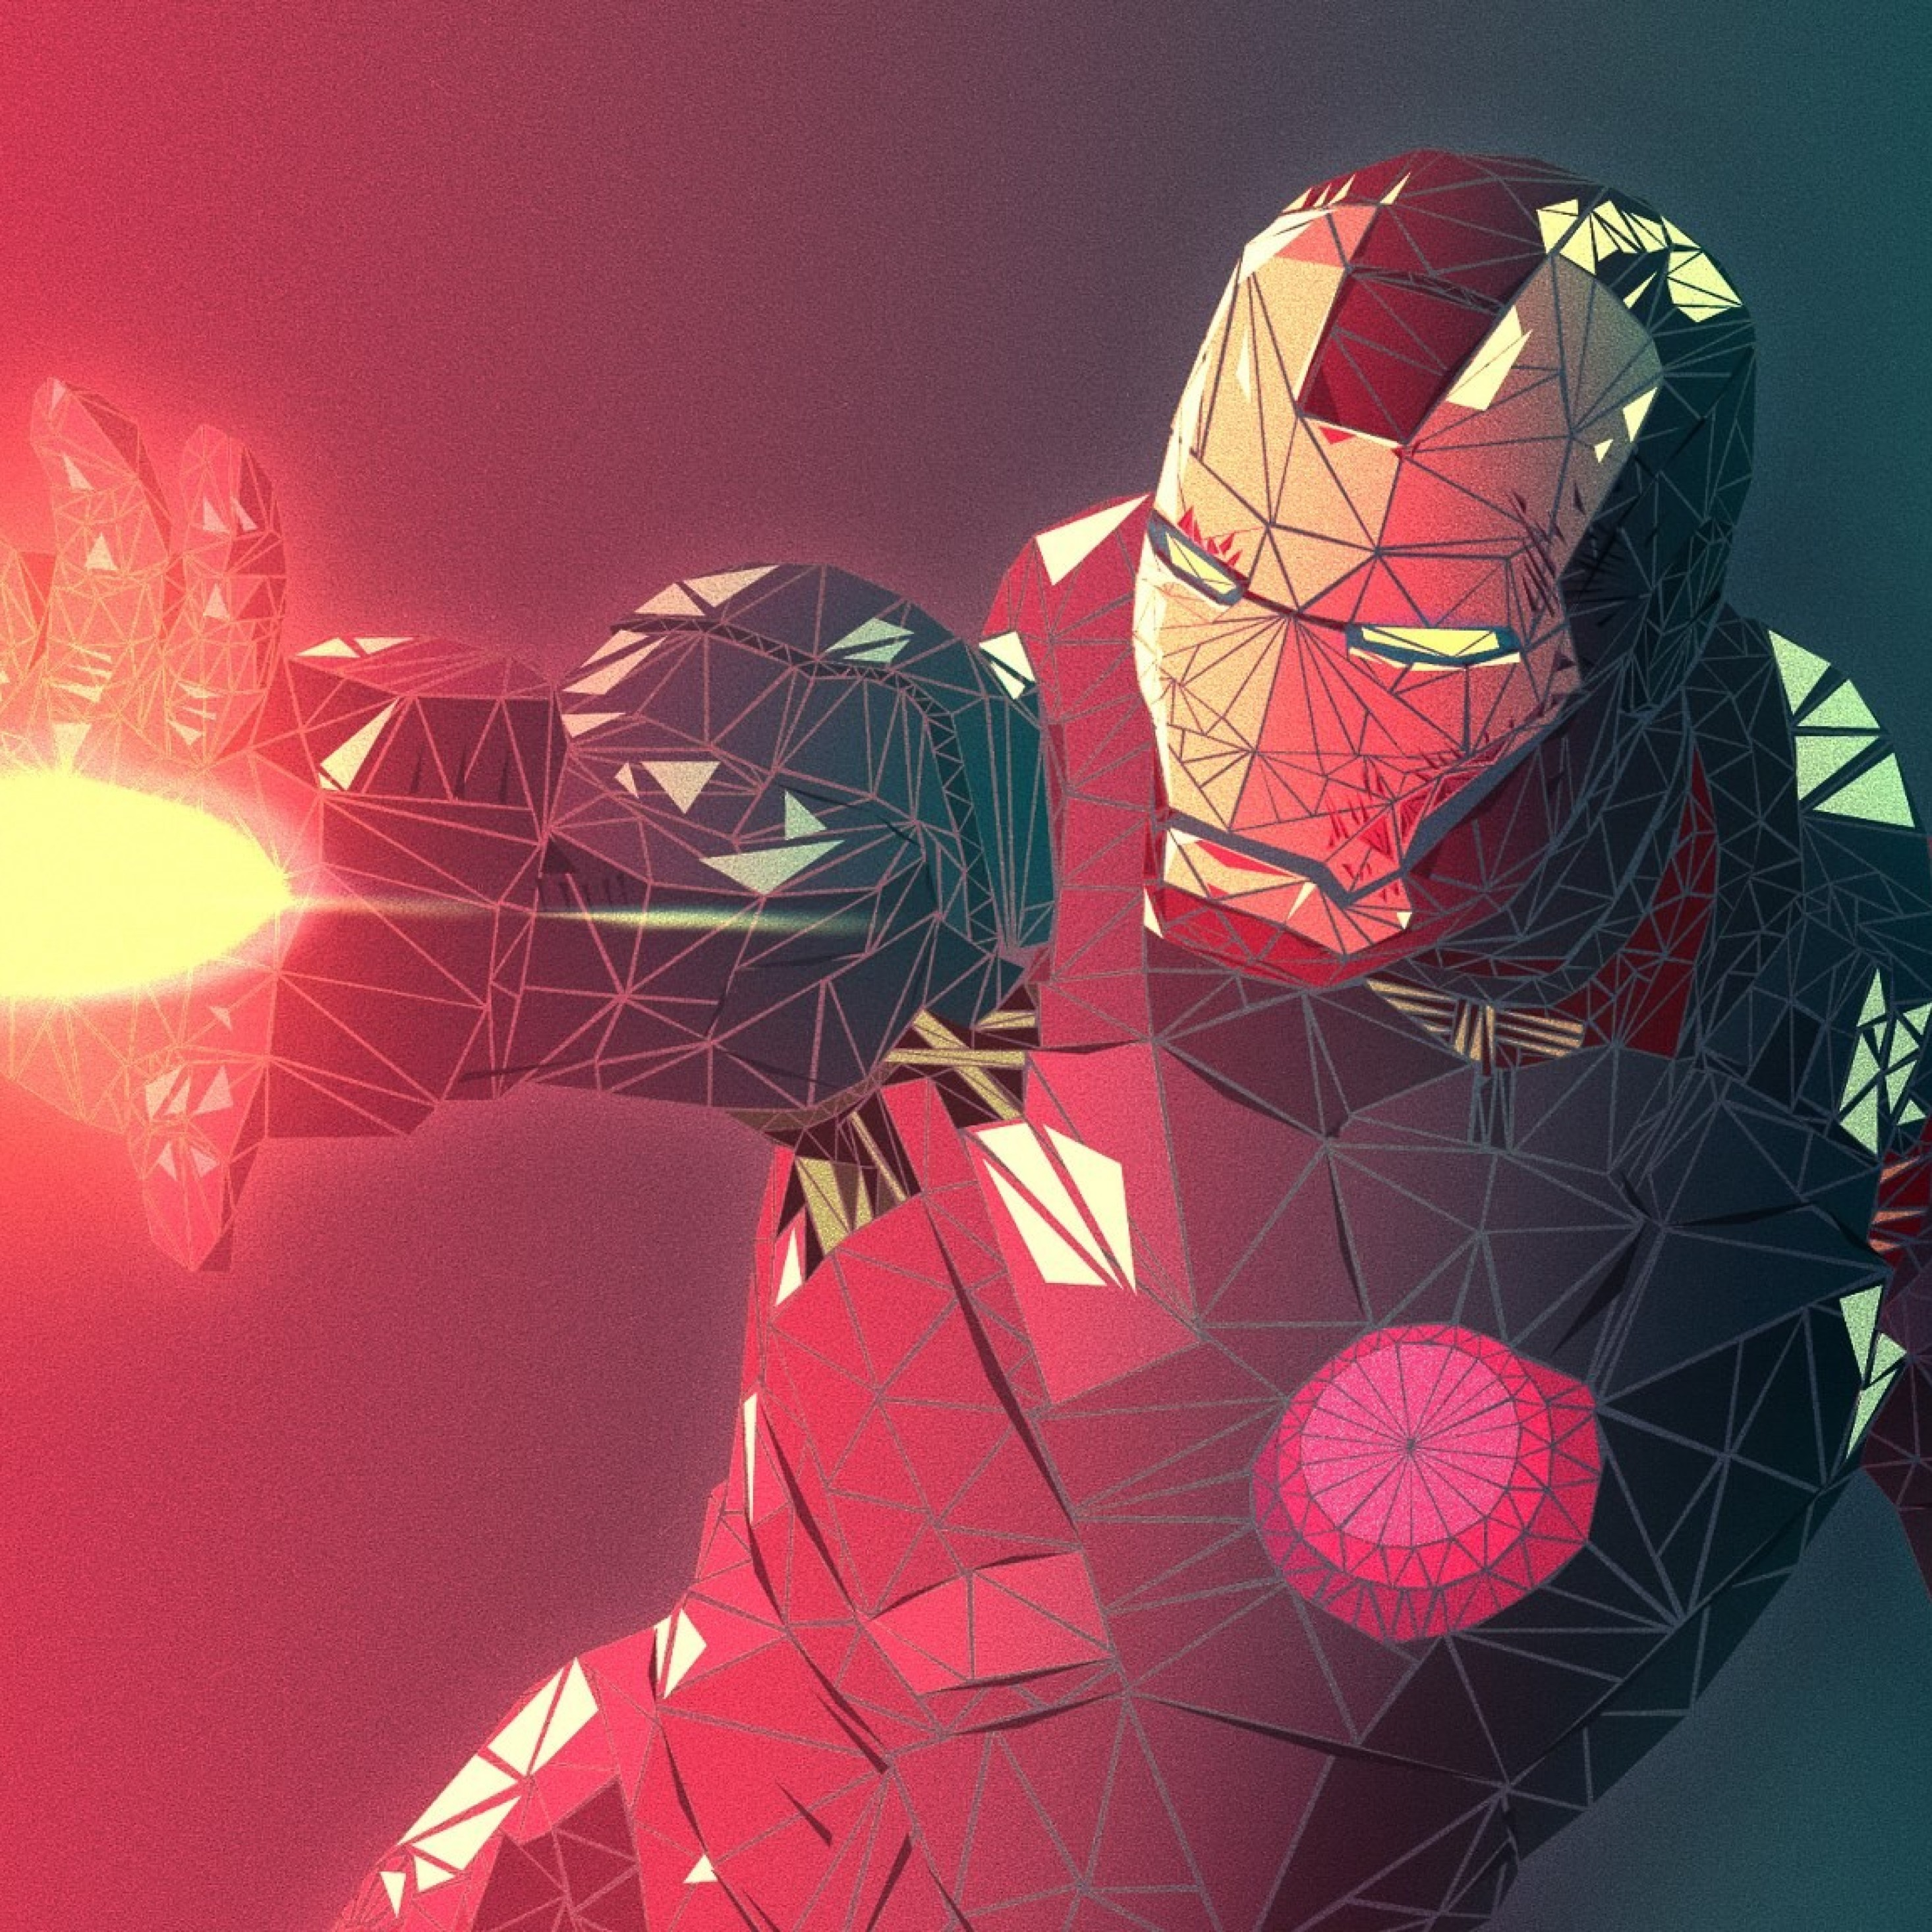 Iron-man-abstract-4k.jpg (2048×1152), Full HD 2K Wallpaper